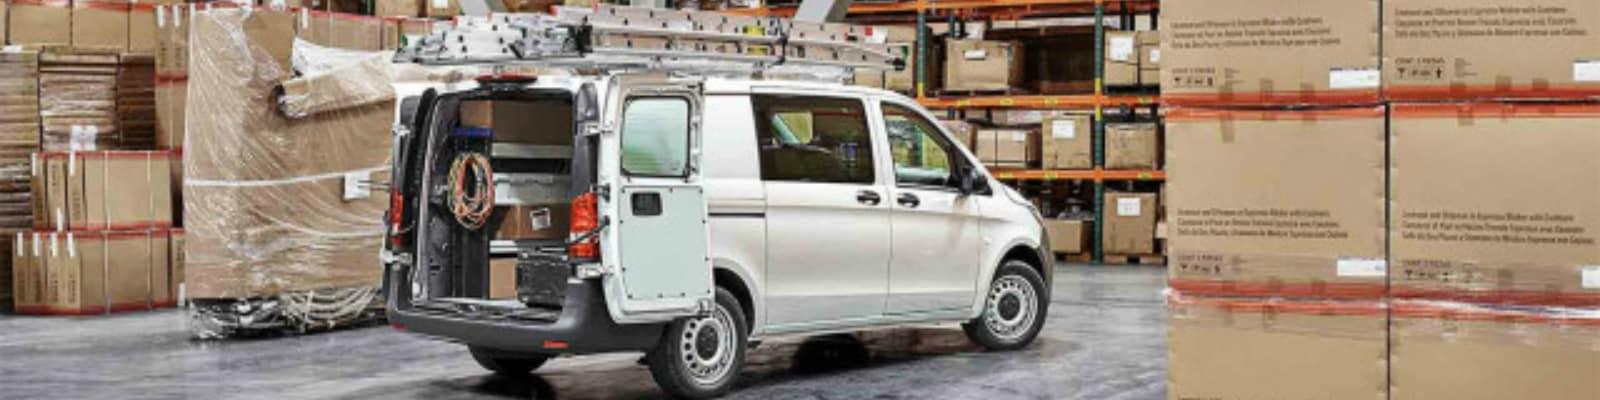 122608-Walters-Auto-Metris-Cargo-Van-model-page-interior